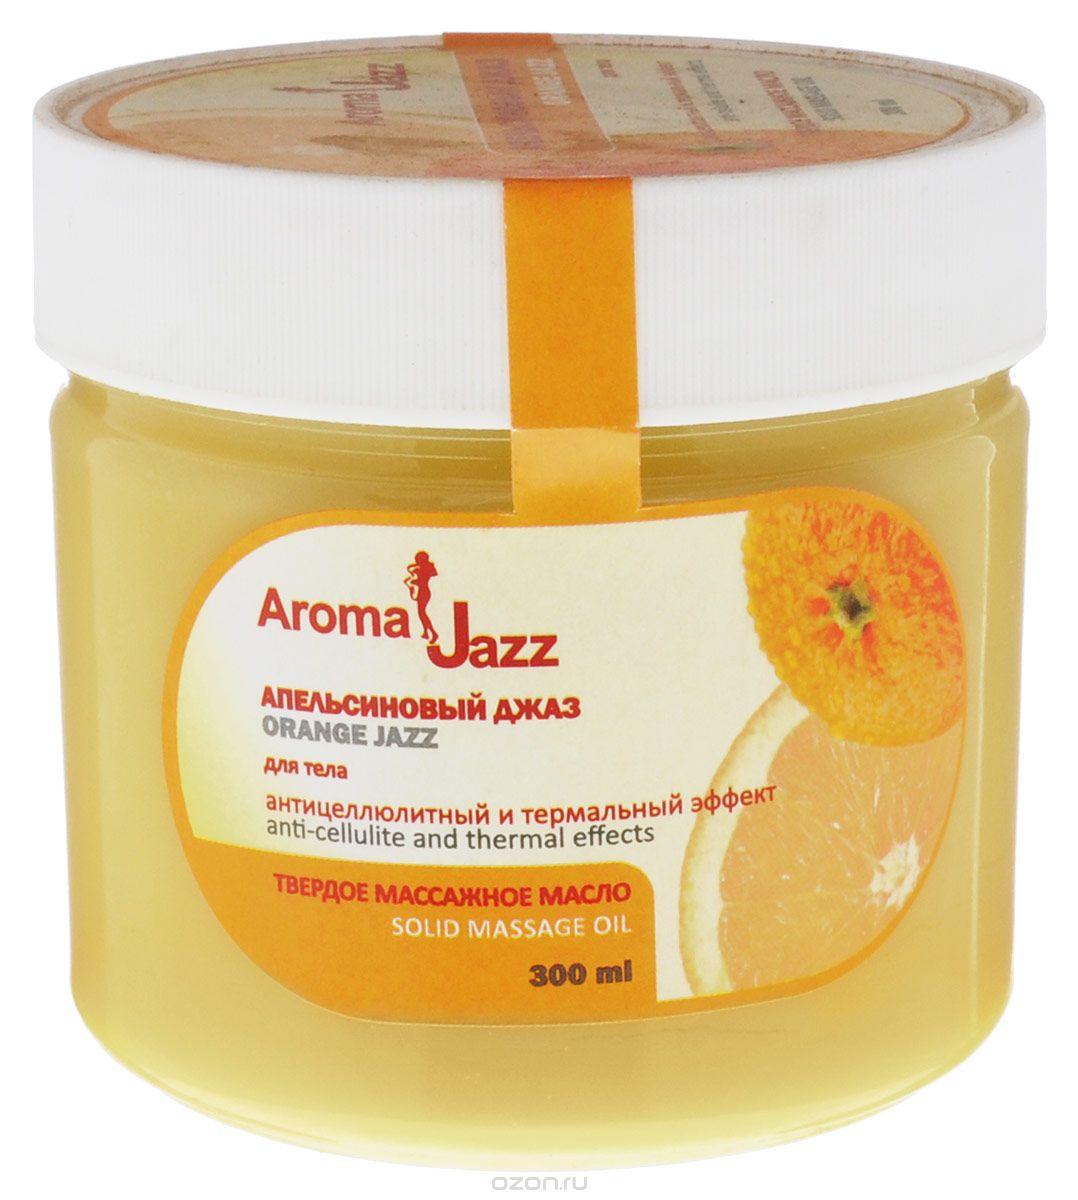 Aroma Jazz Твердое масло Антицеллюлитное Апельсиновый джаз, 300 мл0101Действие: оказывает антицеллюлитное, детоксическое и противоотечное действие, способствует снижению веса, стимулирует обмен веществ и нормализует работу жировых клеток. Уменьшает объемы проблемных участков тела, активизирует кровообращение и лимфодренаж, оказывает омолаживающее действие и купирует воспалительные реакции кожи. Масло улучшает общее самочувствие, повышает работоспособность и заряжает энергией. Противопоказания: индивидуальная непереносимость компонентов продукта. Срок хранения: 24 месяца. После вскрытия упаковки использовать в течении 6 месяцев.